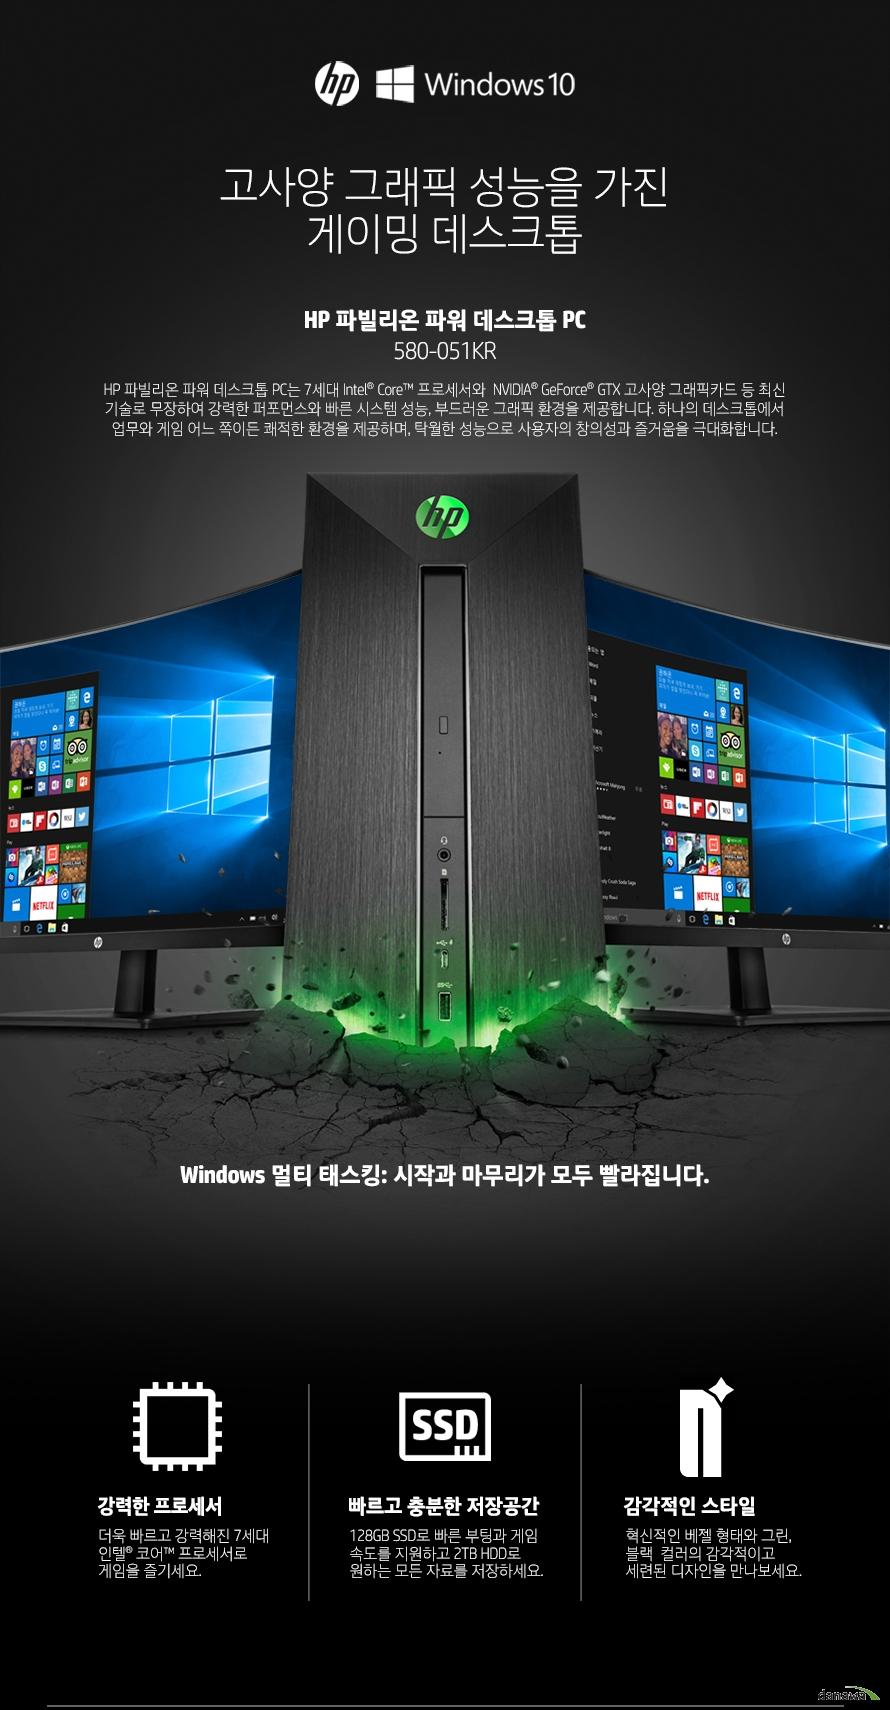 고사양 그래픽 성능을 가진 게이밍 데스크톱  HP 파빌리온 파워 데스크톱 PC HP 파빌리온 파워 데스크톱 PC는 7세대 Intel Core 프로세서와  NVIDIA GeForce GTX 고사양 그래픽카드 등 최신 기술로 무장하여 강력한 퍼포먼스와 빠른 시스템 성능, 부드러운 그래픽 환경을 제공합니다. 하나의 데스크톱에서 업무와 게임 어느 쪽이든 쾌적한 환경을 제공하며, 탁월한 성능으로 사용자의 창의성과 즐거움을 극대화합니다. Windows 멀티 태스킹: 시작과 마무리가 모두 빨라집니다. 강력한 프로세서 더욱 빠르고 강력해진 7세대 인텔 코어 프로세서로 게임을 즐기세요. 빠르고 충분한 저장공간 128GB SSD로 빠른 부팅과 게임 속도를 지원하고 2TB HDD로 원하는 모든 자료를 저장하세요. 감각적인 스타일 혁신적인 베젤 형태와 그린, 블랙  컬러의 감각적이고 세련된 디자인을 만나보세요.   차세대 CPU로 경험하는 빠르고 강력한 성능 7세대 Intel Core 프로세서 7세대 Intel Core 프로세서는 이전 세대에 비해 더욱 빨라진 시스템 성능과 부드러워진 스트리밍 환경, 풍부한 텍스처와 생생한 그래픽의 HD 화면을 제공합니다. 뛰어난 반응성과 빨라진 속도 7세대 Intel Core 프로세서는 높은 전력 효율의 14nm 마이크로 아키텍처와 더불어 향상된 프로세싱 기술을 기반으로 이전 세대에 비해 더욱 빠른 성능을 제공합니다. Intel 스피드 시프트 기술을 통해 절전 모드에서 신속하게 벗어날 수 있고 응용 프로그램과 웹 페이지 간 전환이 더욱 빨라졌습니다.  이전 세대에 비해 빨라진 클럭 속도와 낮아진 소비 전력 7세대 Intel Core 프로세서는 6세대 Intel Core 프로세서에 비해 빨라진 클럭 속도와 낮아진 소비 전력으로 더욱 향상된 작업 생산성과 웹 성능을 체험할 수 있습니다.  8GB 메모리  듀얼채널 DDR4 DIMMs 메모리로 더욱 빠르고 원활하게 시스템을 활용할 수 있습니다.   새로운 스타일  감각적이고 세련된 스타일의 디자인을 만나보세요. 혁신적인 베젤 형태와 그린, 블랙의 대담한 컬러가 업무 공간까지도 활기를 불어넣습니다.  듀얼 스토리지로 부팅은 신속하게  용량은 넉넉하게 128GB SSD, 2TB HDD   듀얼 스토리지 옵션으로 필요한 성능과 스토리지를 구성할 수 있습니다. 128GB의 SSD로 신속히 부팅하고 2TB까지 제공되는 HDD로 많은 양의 콘텐츠를 저장할 수 있습니다.   최상의 게임 경험을 제공하는 고사양 그래픽카드  NVIDIA GeForce GTX 1060 그래픽카드 NVIDIA GeForce GTX 그래픽카드는 빠른 성능을 자랑하고 최신 게임 기술까지 모두 장착한 하이엔드 그래픽카드로써 사용자에게 최상의 엔터테인먼트 환경과 멀티미디어 경험을 제공합니다. 풀옵션으로 오버워치를 플레이하거나 영상 편집 소프트웨어를 사용할 때에 강력한 성능을 발휘합니다.     응용 프로그램을 설치하는 편리한 방법 HP JumpStart 초기 PC 설치 시, HP JumpStart의 도움을 받아보세요. 사용자가 원하는 응용 프로그램만 선택해서 설치할 수 있어, 나중에 불필요한  응용프로그램을 다시 삭제해야하는 번거로움이 없습니다.    다양한 확장 포트로 폭넓은 노트북 활용   HDMI, USB 3.1 C타입 고해상도 출력이 가능한 HDMI, 빠른 데이터 전송 속도의 USB 3.1 C타입 등 폭넓은 확장 포트 구성으로 다양한 작업을 편리하게 수행할 수 있습니다. USB 3.1 타입-C 차세대 USB 버전인 USB 3.1 C타입을 이용하여 편리하게 외장 저장 장치를 사용하세요. 최대 5Gb/s로 데이터 전송 속도가 매우 빠릅니다. 멀티미디어 카드리더기 SD메모리 디바이스와 호환되는 멀티포맷 디지털 미디어 리더기를 이용하여 데이터를 입출력할 수 있습니다.  HDMI (후면) 디지털 영상과 음성을 하나의 포트로 출력하는 HDMI를 장착하여 고해상도 영상과 HD 고음질 사운드를 지원하는 TV 등과 연결할 수 있습니다. 또한 HDMI 포트가 2개 있어 모니터 2대를 동시에 출력할 수 있습니다